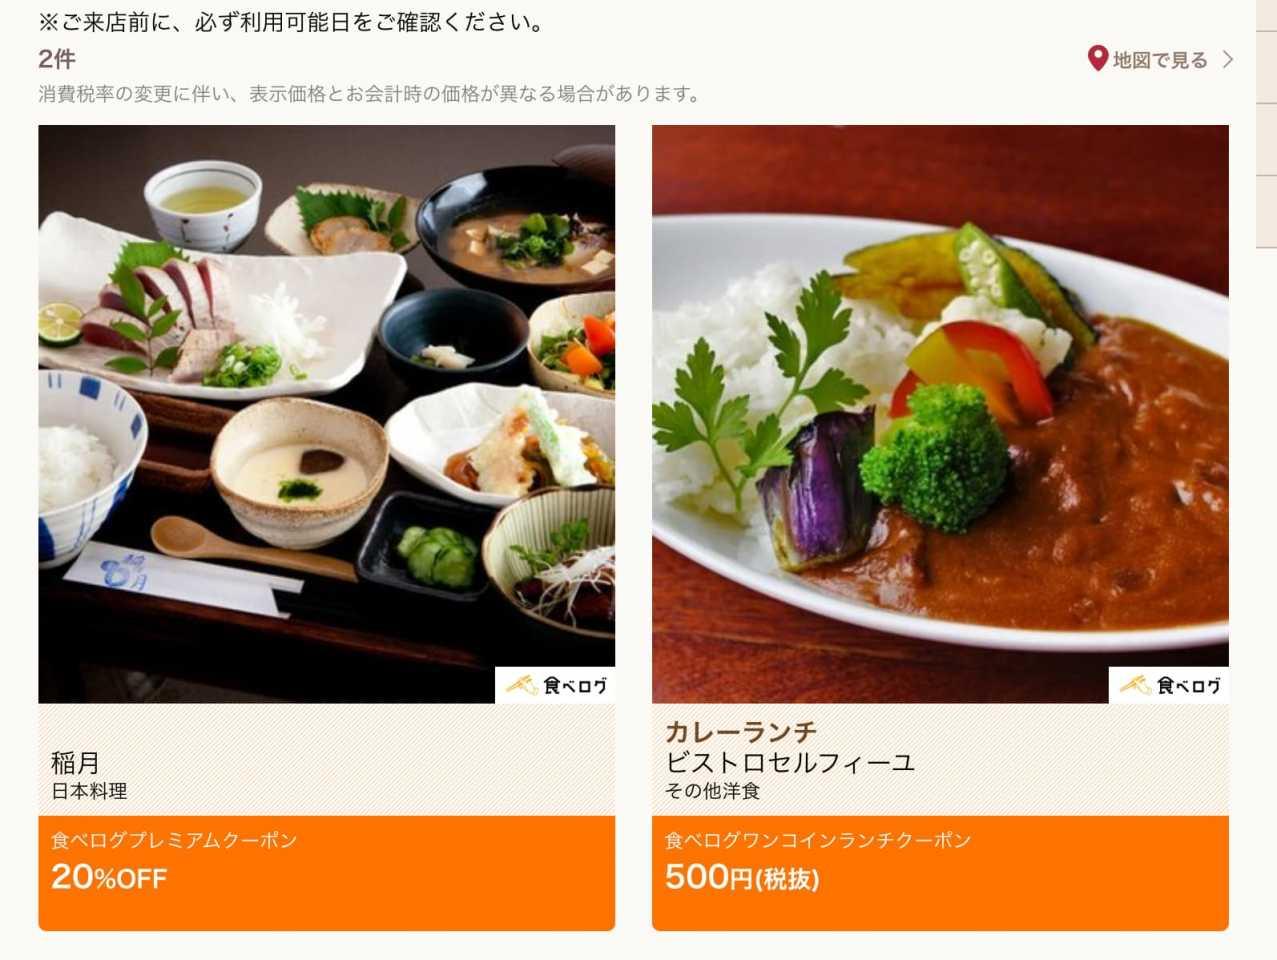 高知県中部のクーポン検索結果一覧|dグルメ - gourmet.dmkt-sp.jp